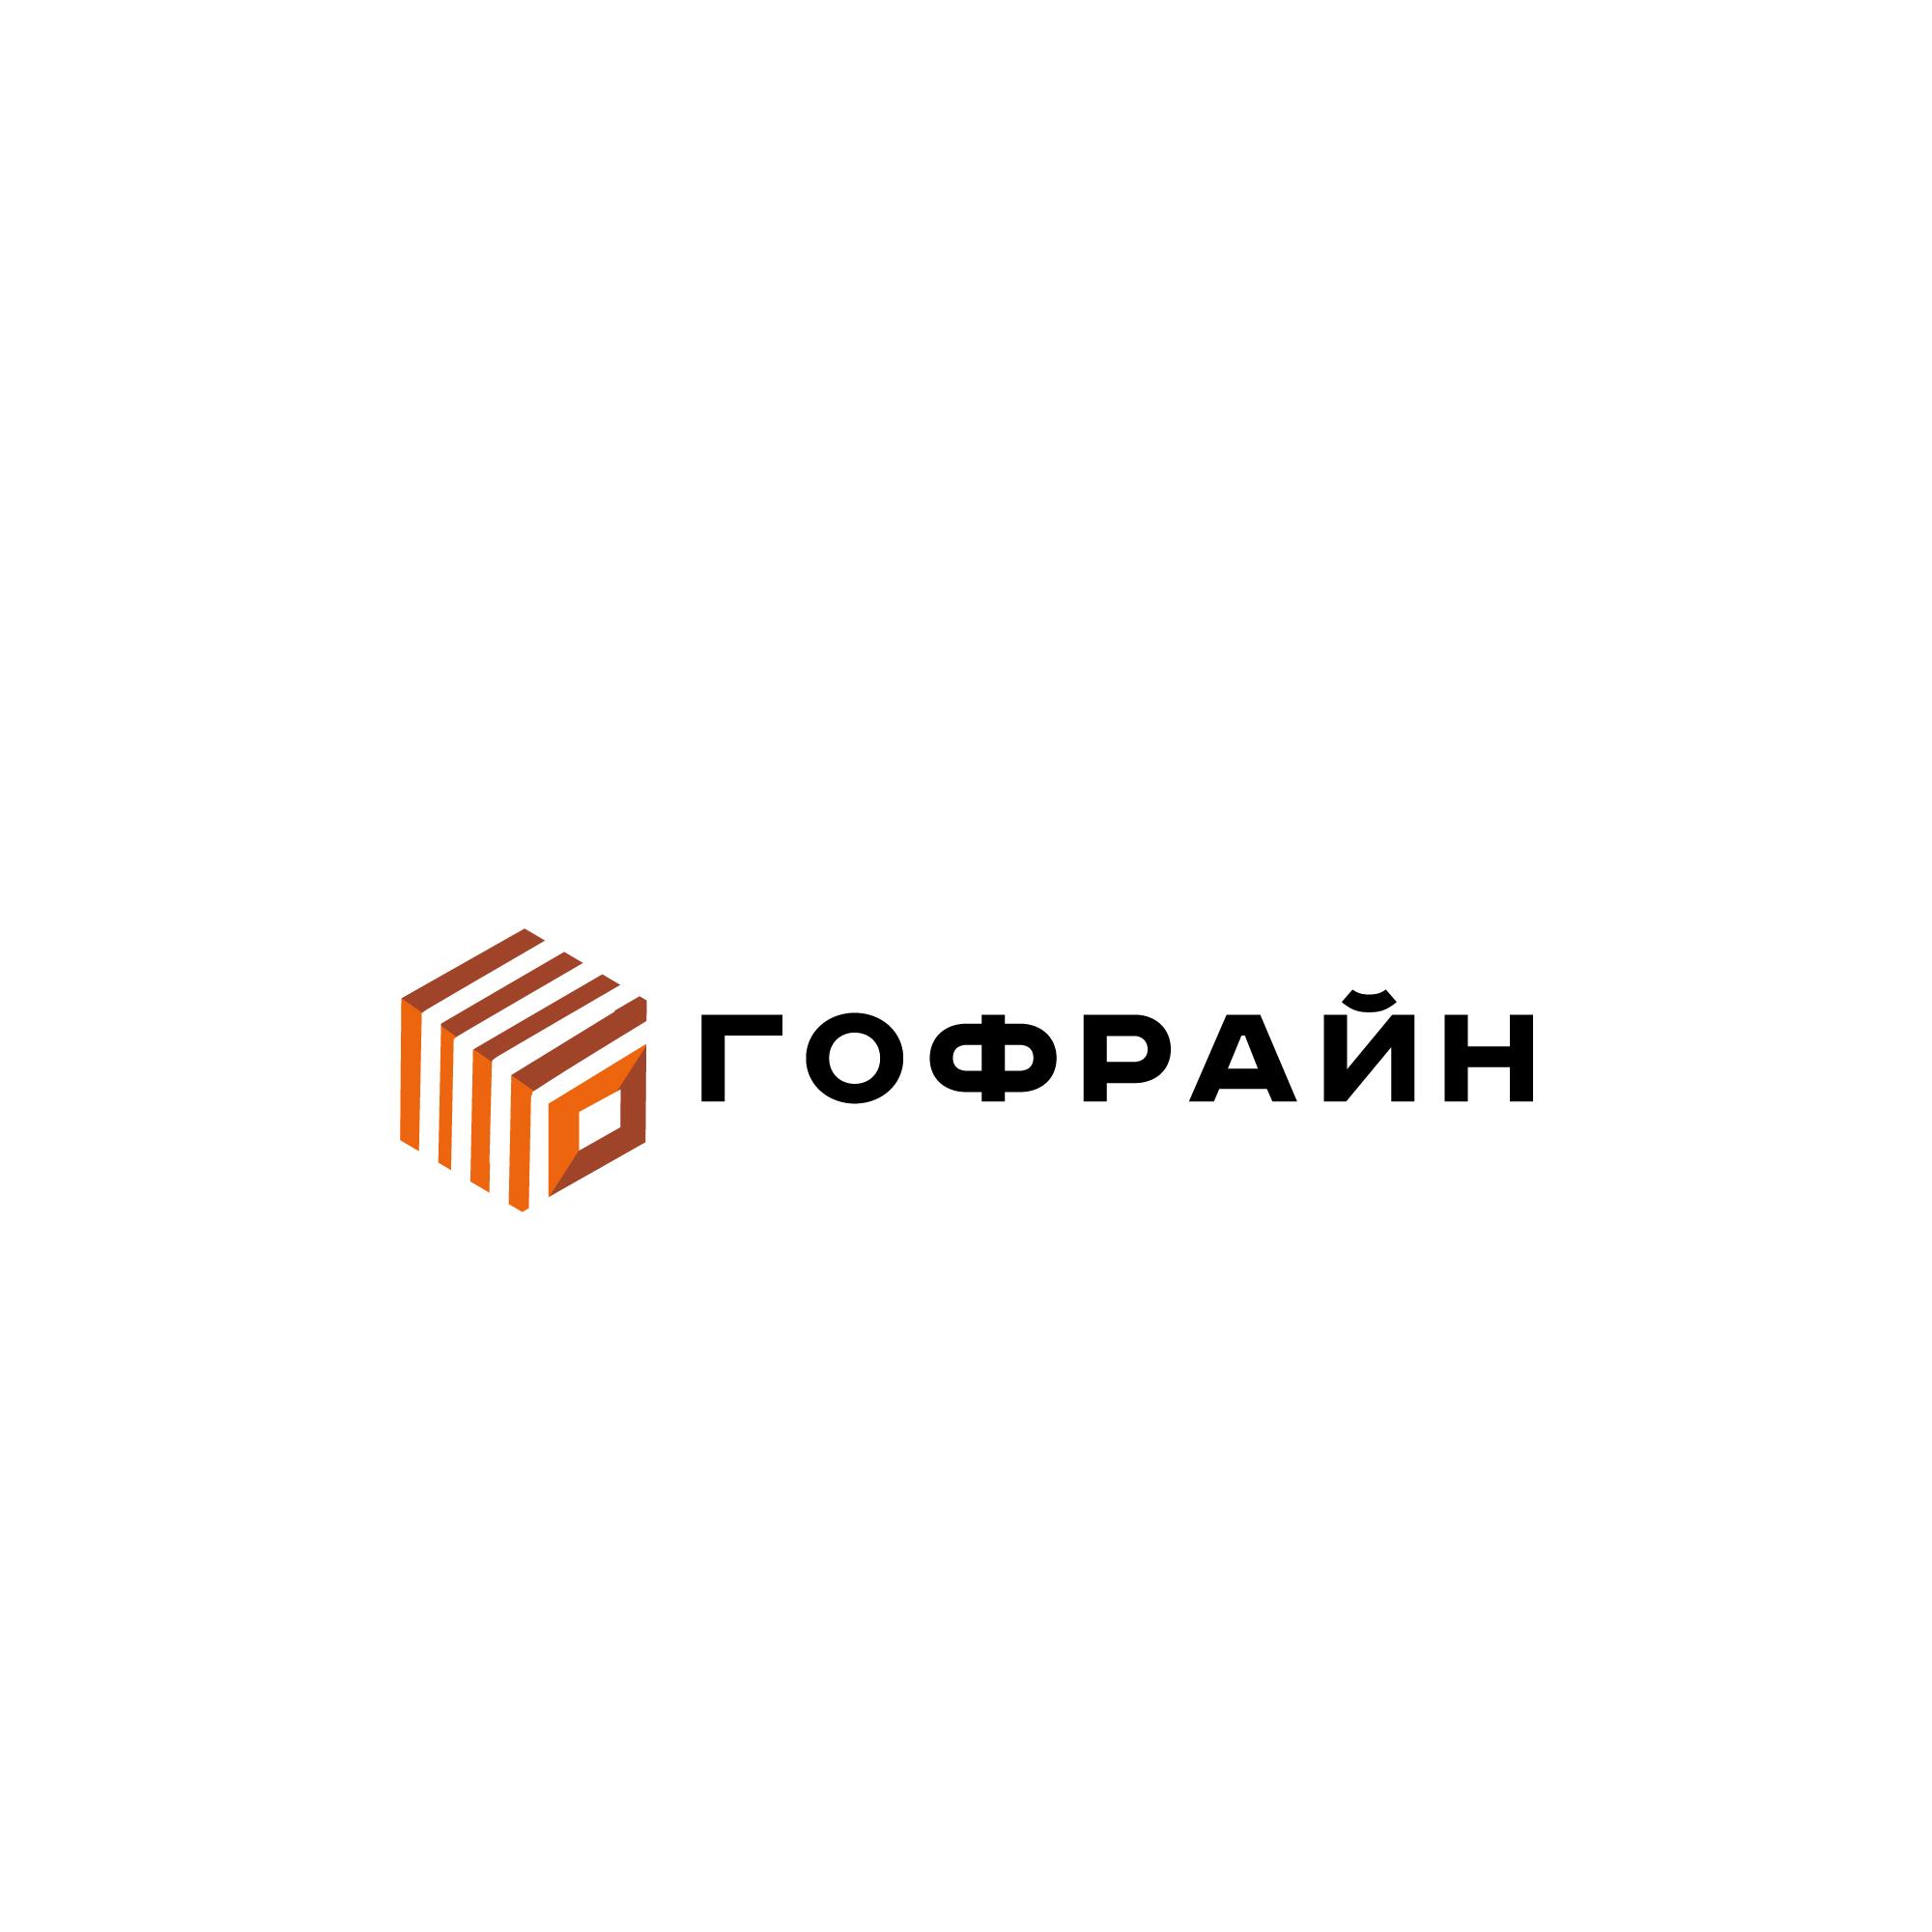 Логотип для компании по реализации упаковки из гофрокартона фото f_0455ce273b74721d.jpg